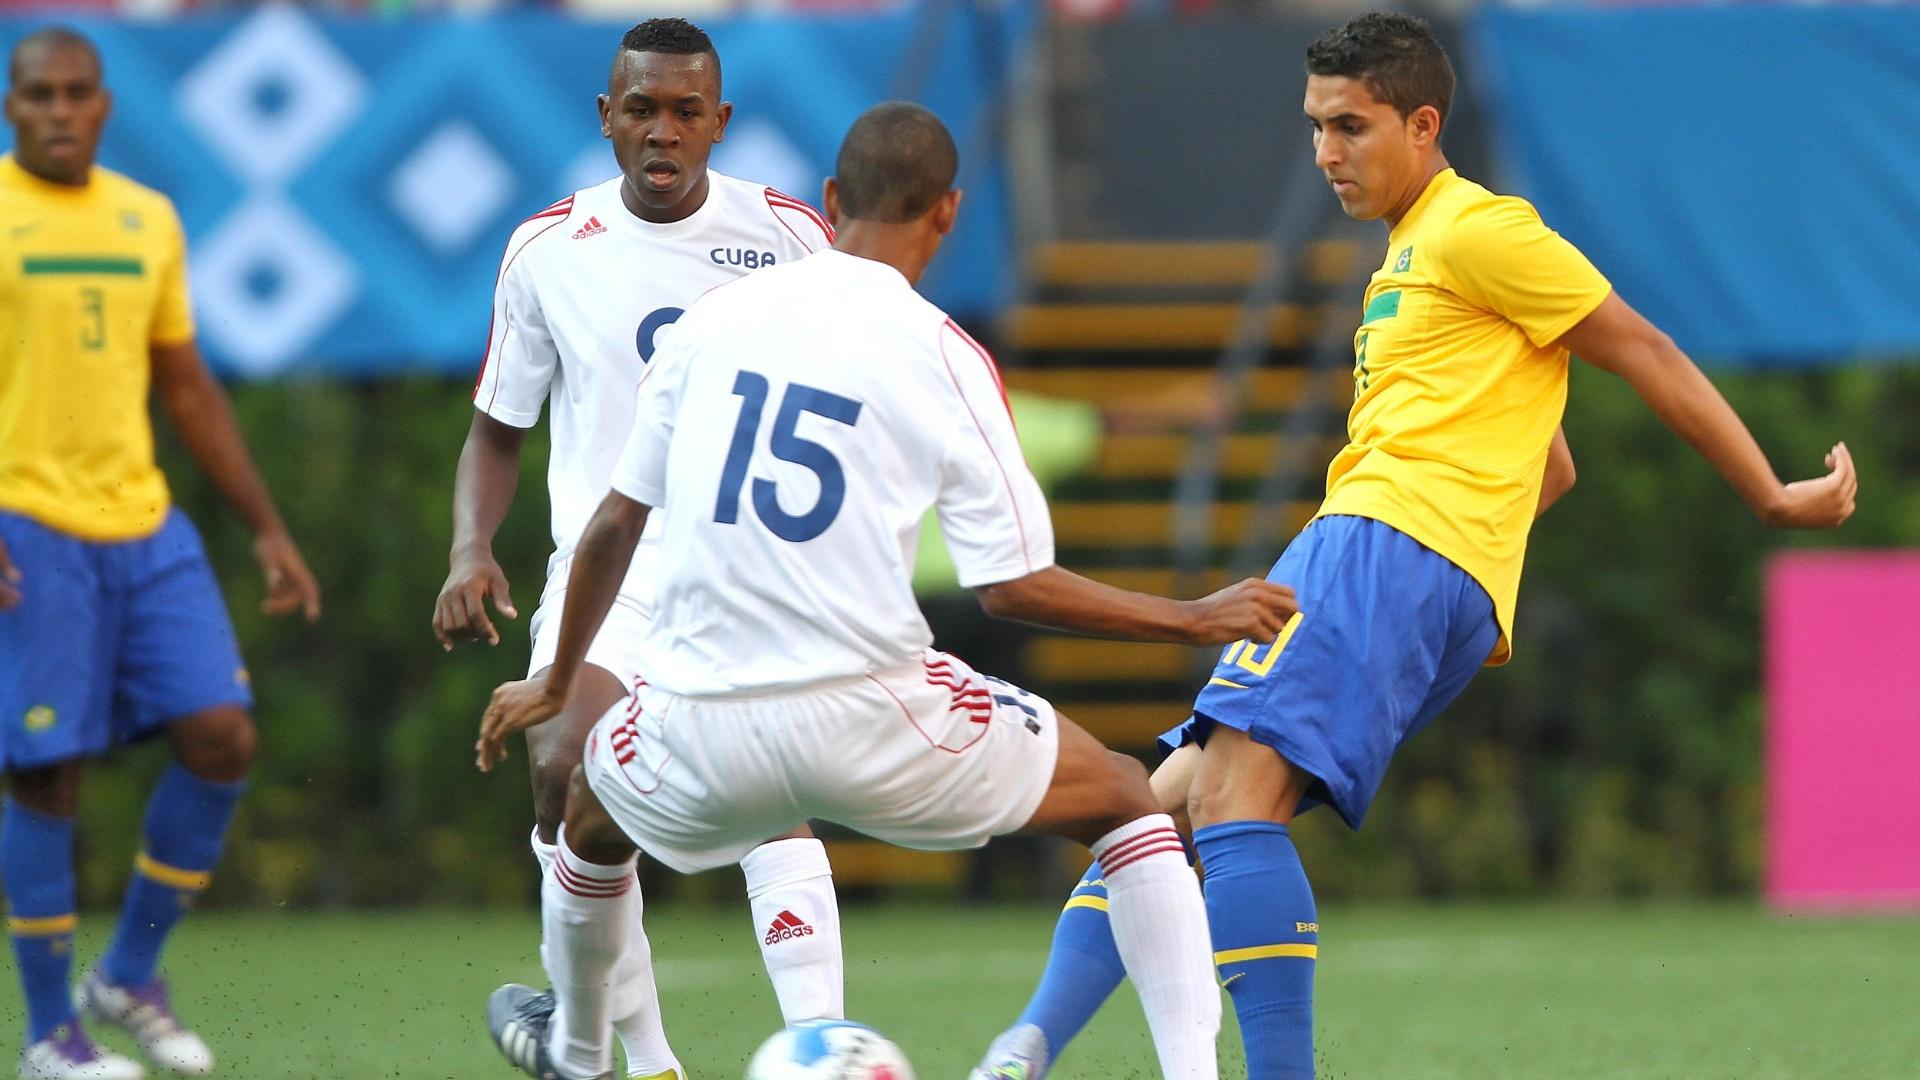 O brasileiro Rodrigo Frauches toca a bola antes da chegada do cubano Adrian Diz, em Guadalajara (21/10/2011)